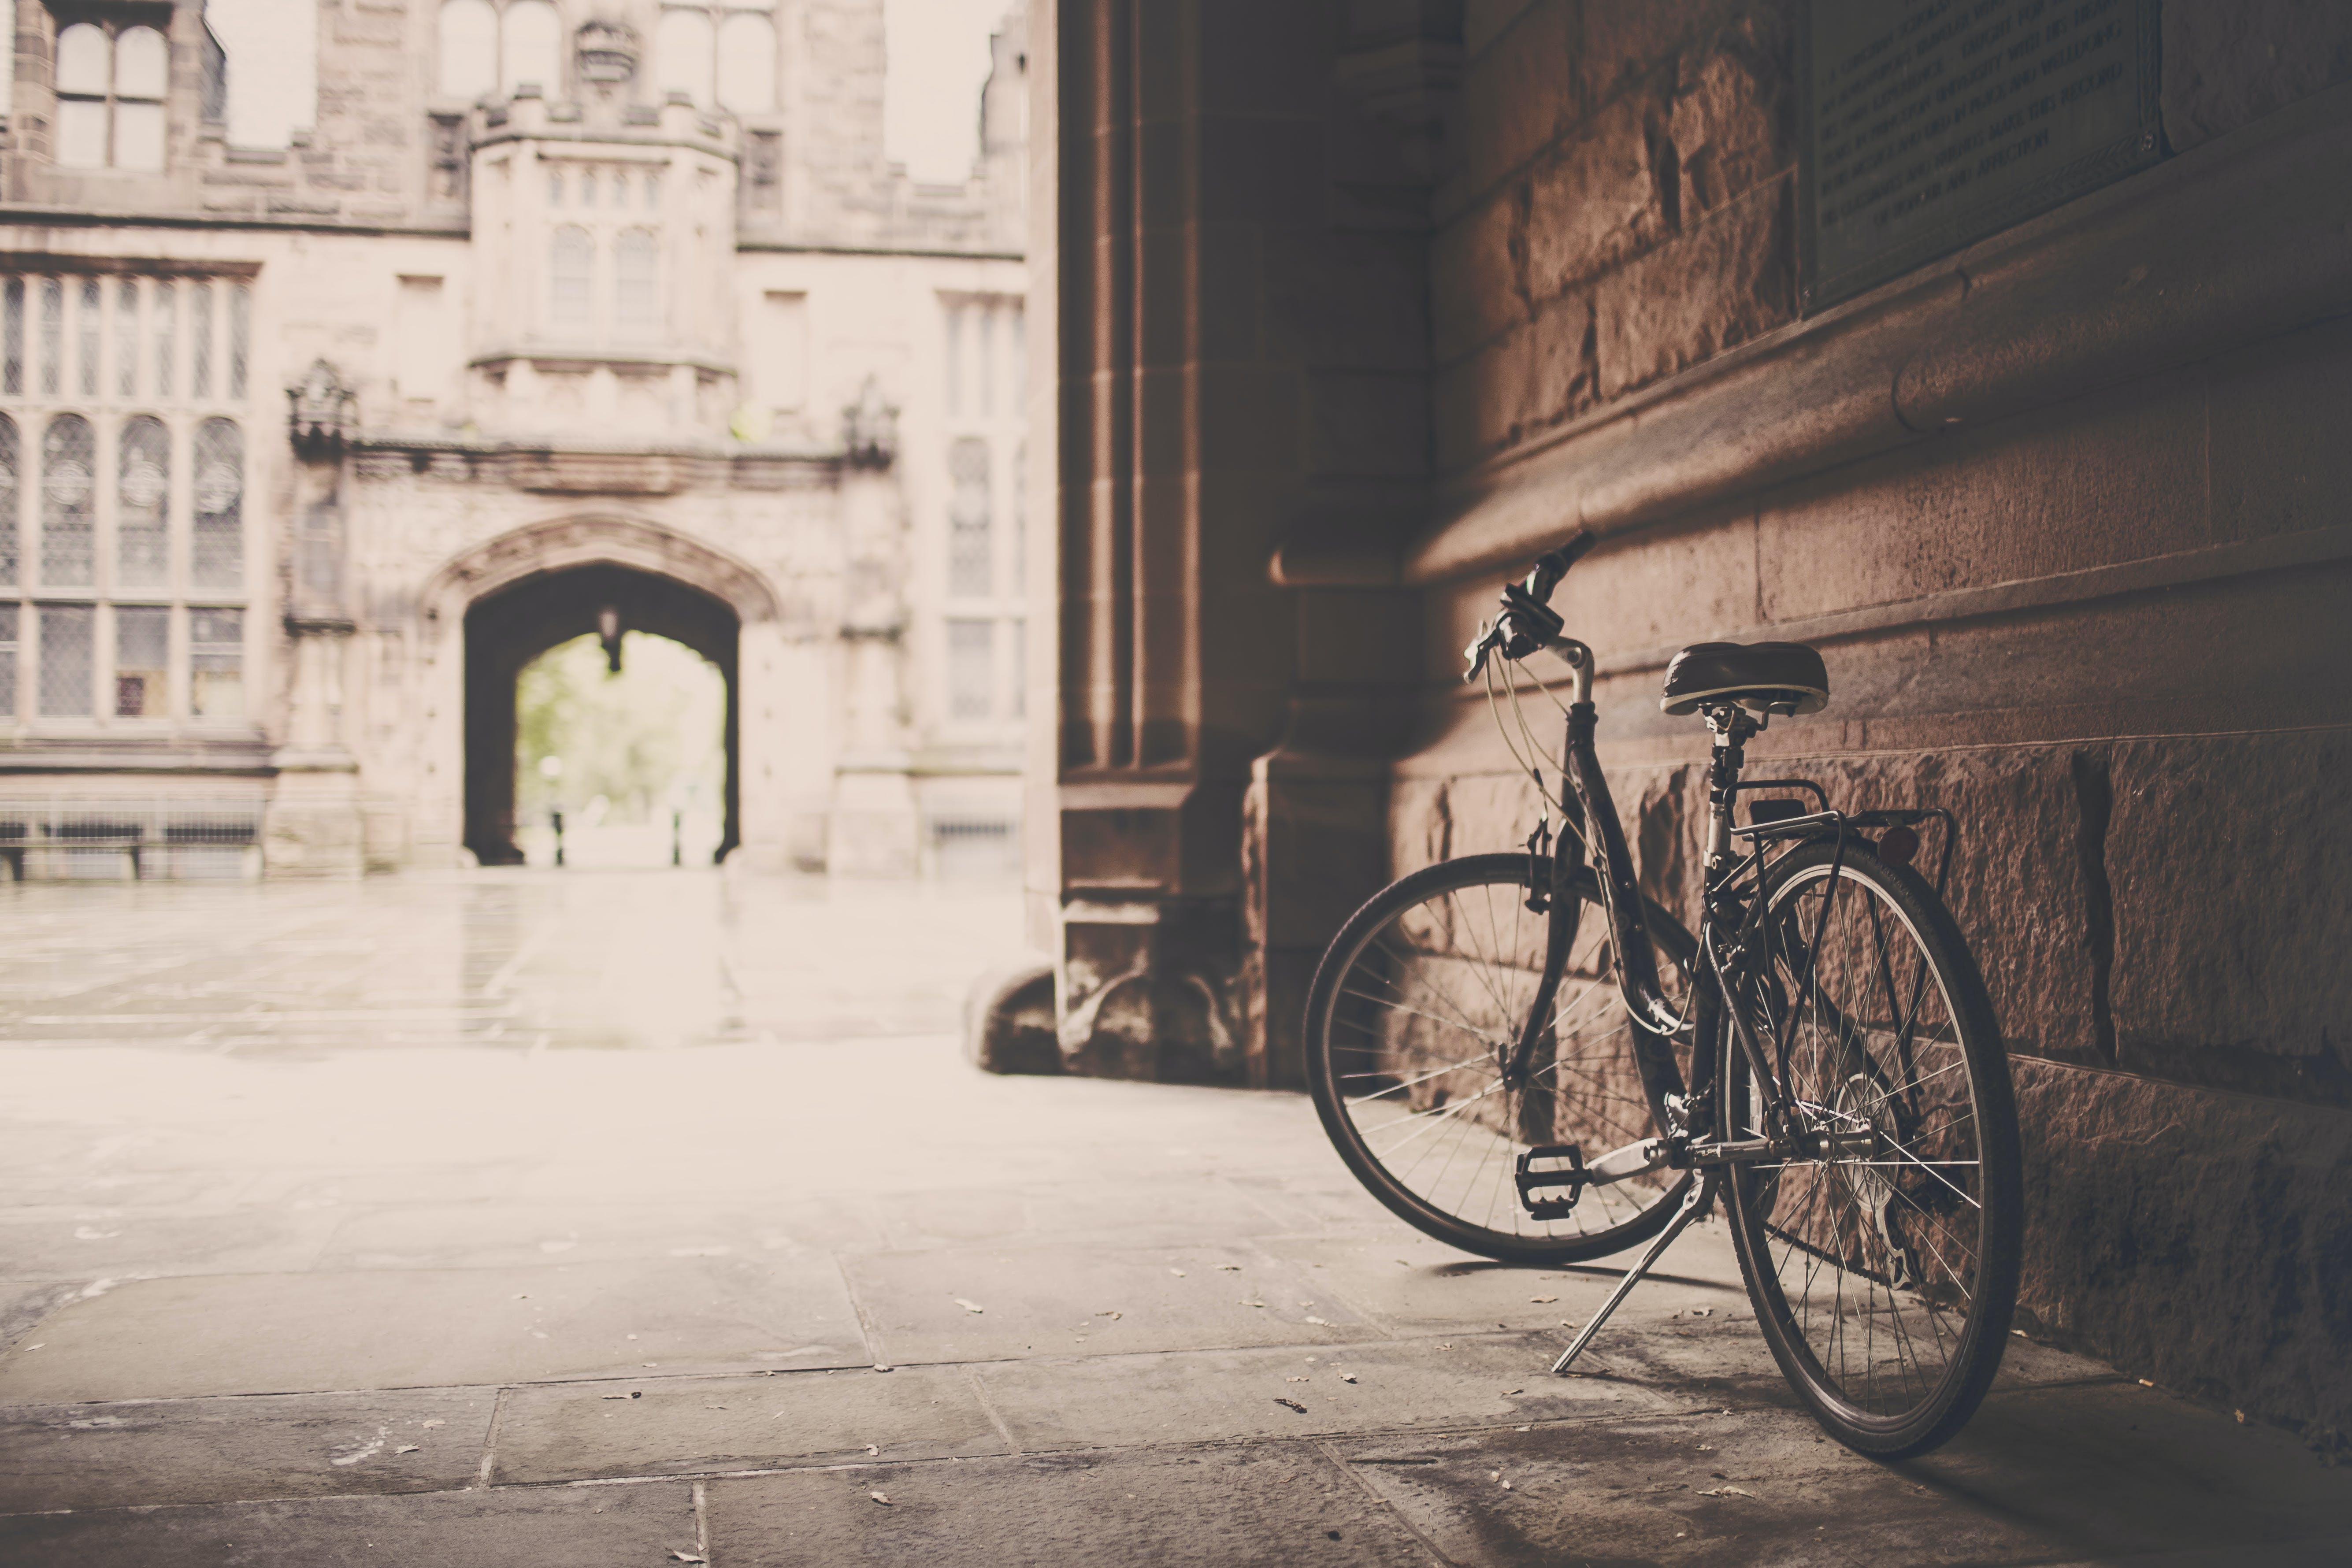 bicycle, bike, building